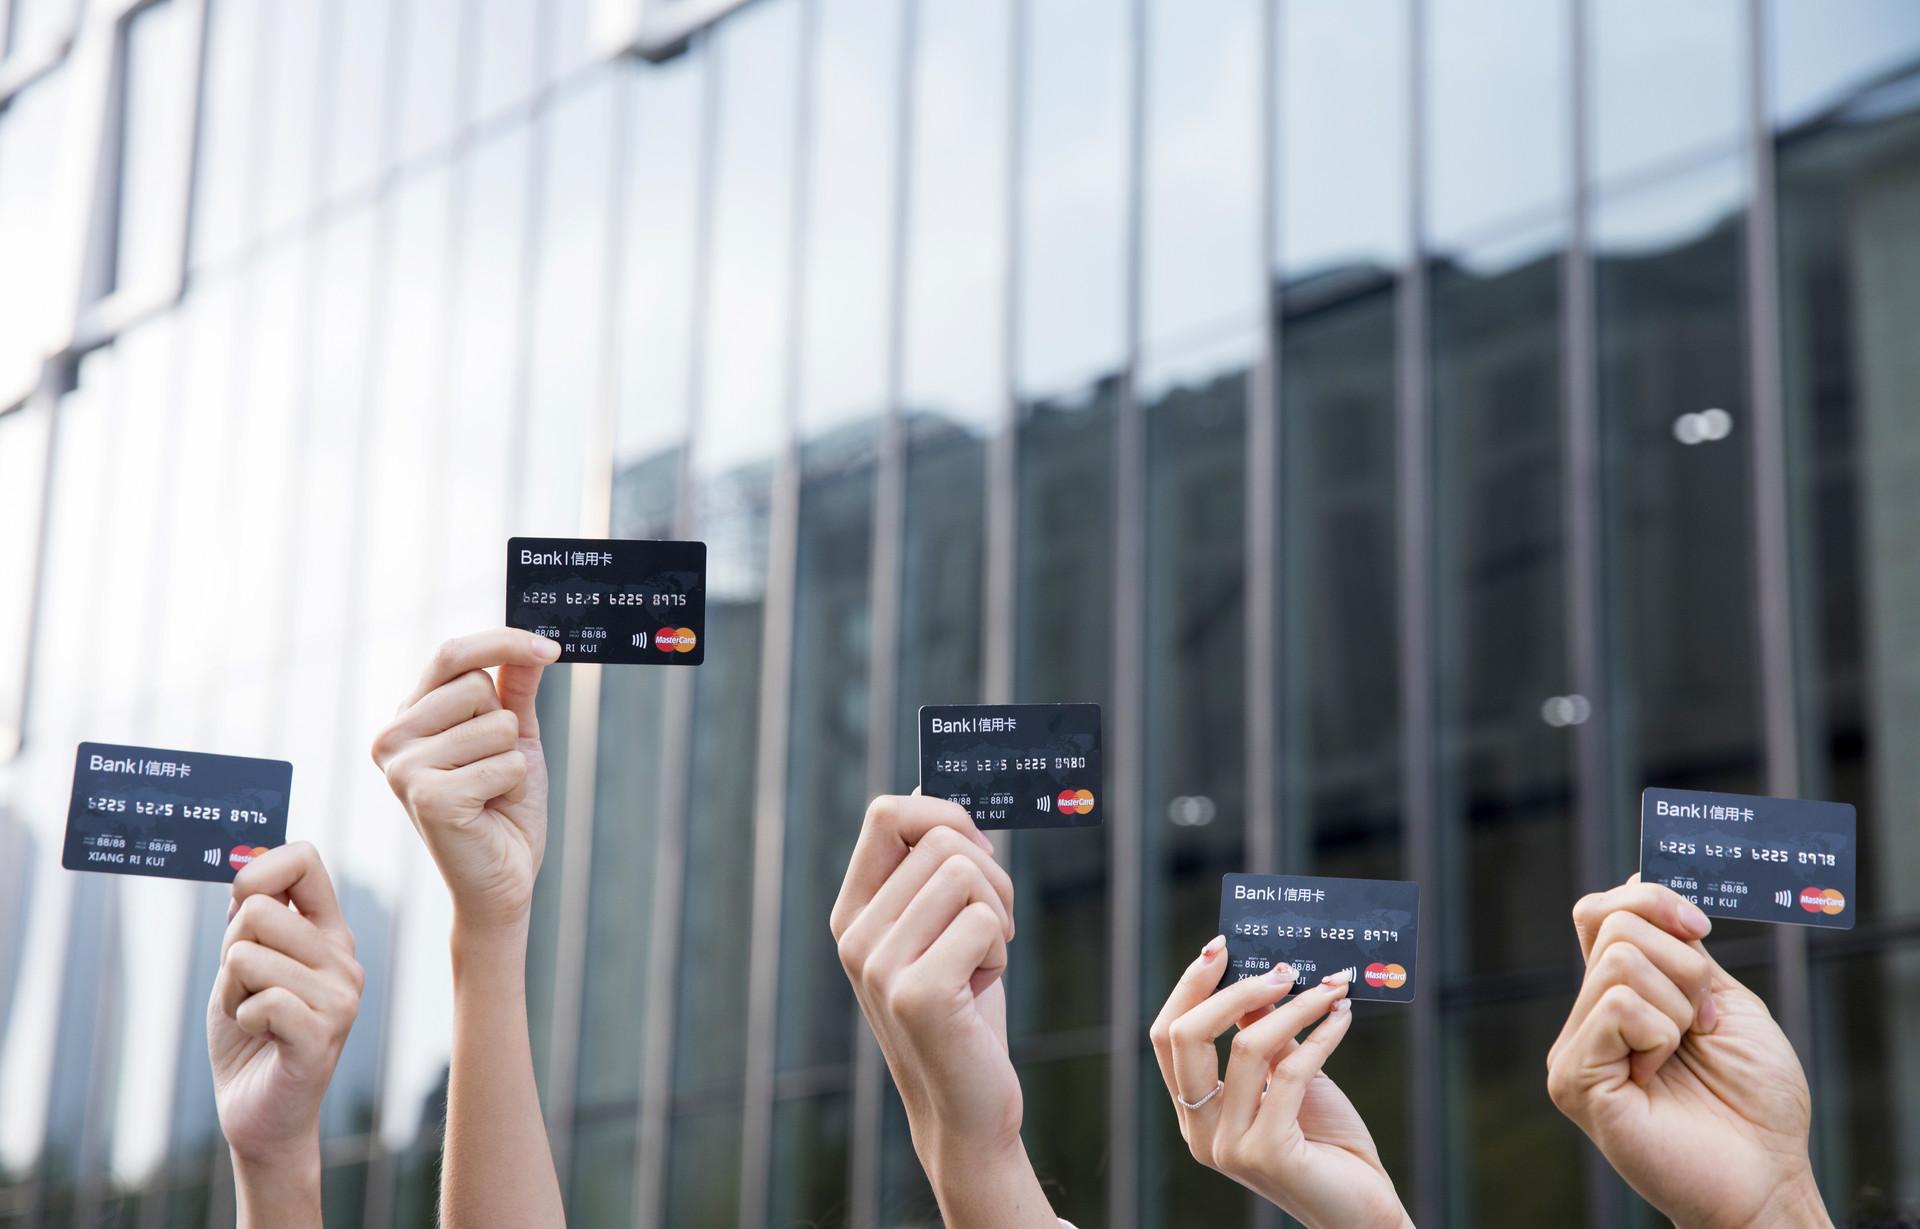 卡友圈推荐:2019年最值得申请的五大信用卡,你已经入手几张?